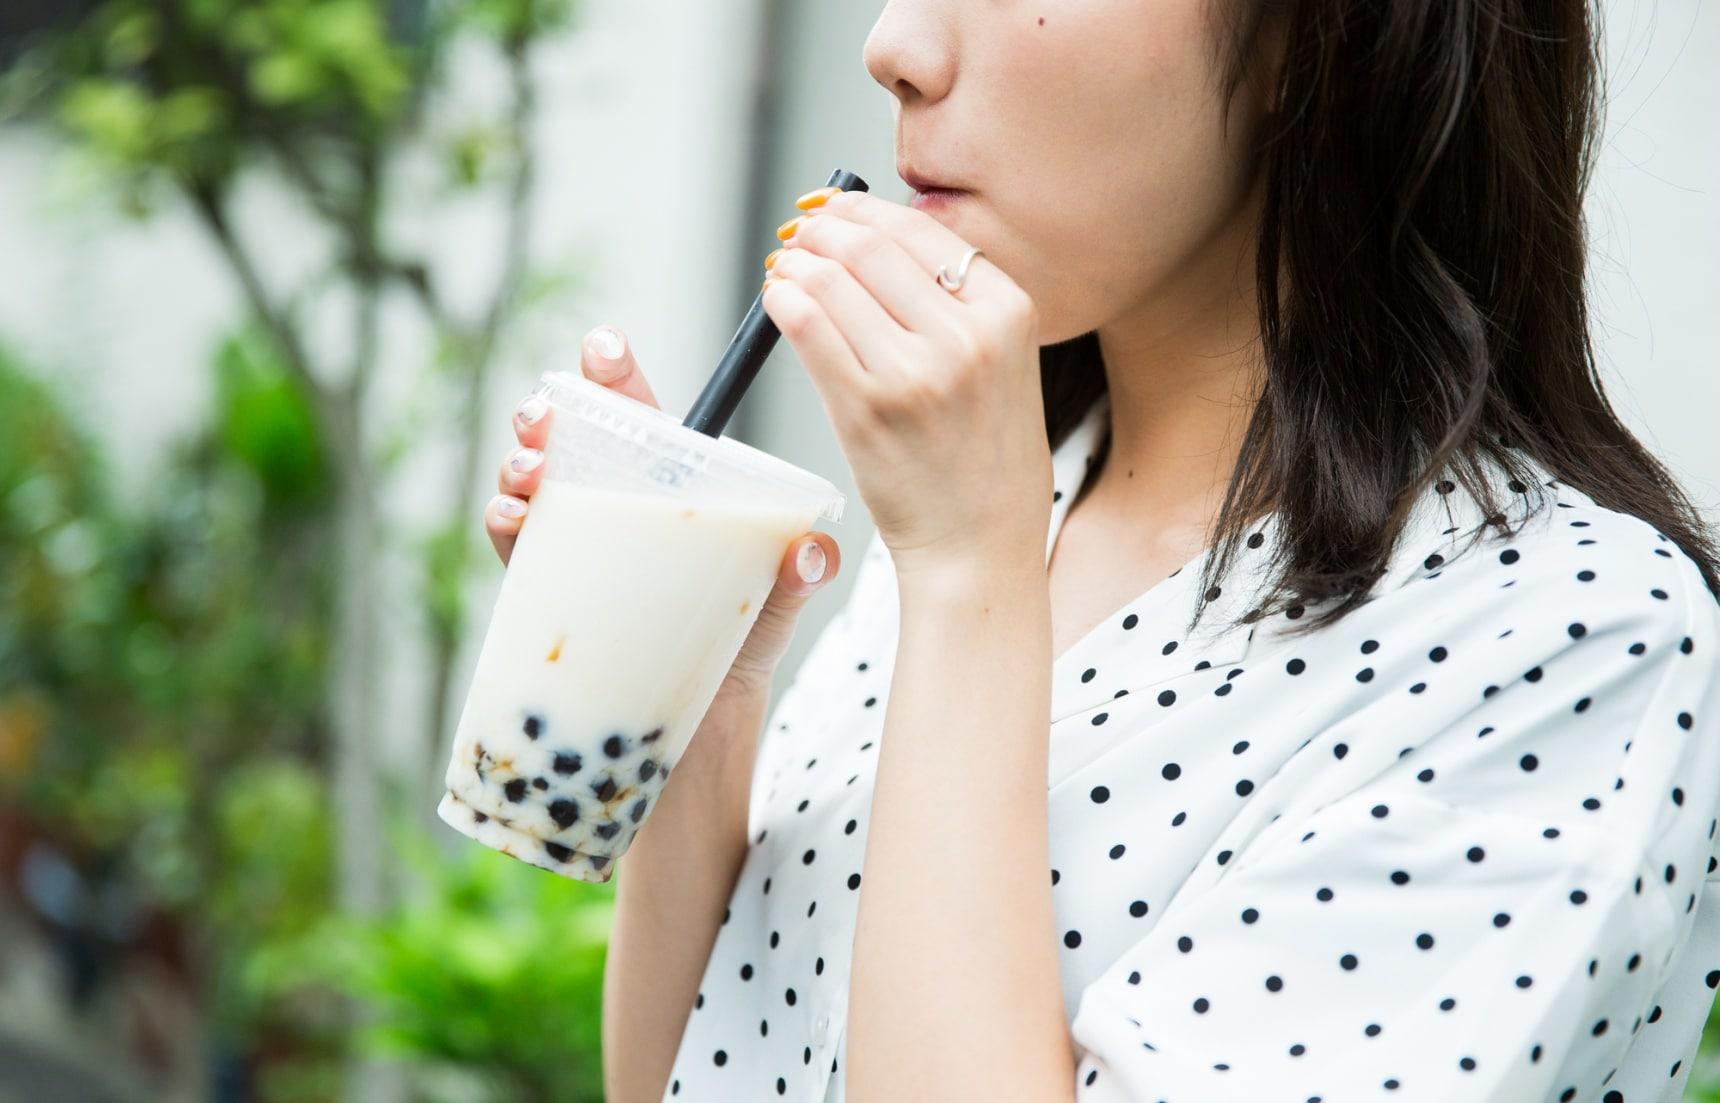 【日本瘋台灣】珍奶還可以撐多久?下一波席捲日本的台灣美食大預測